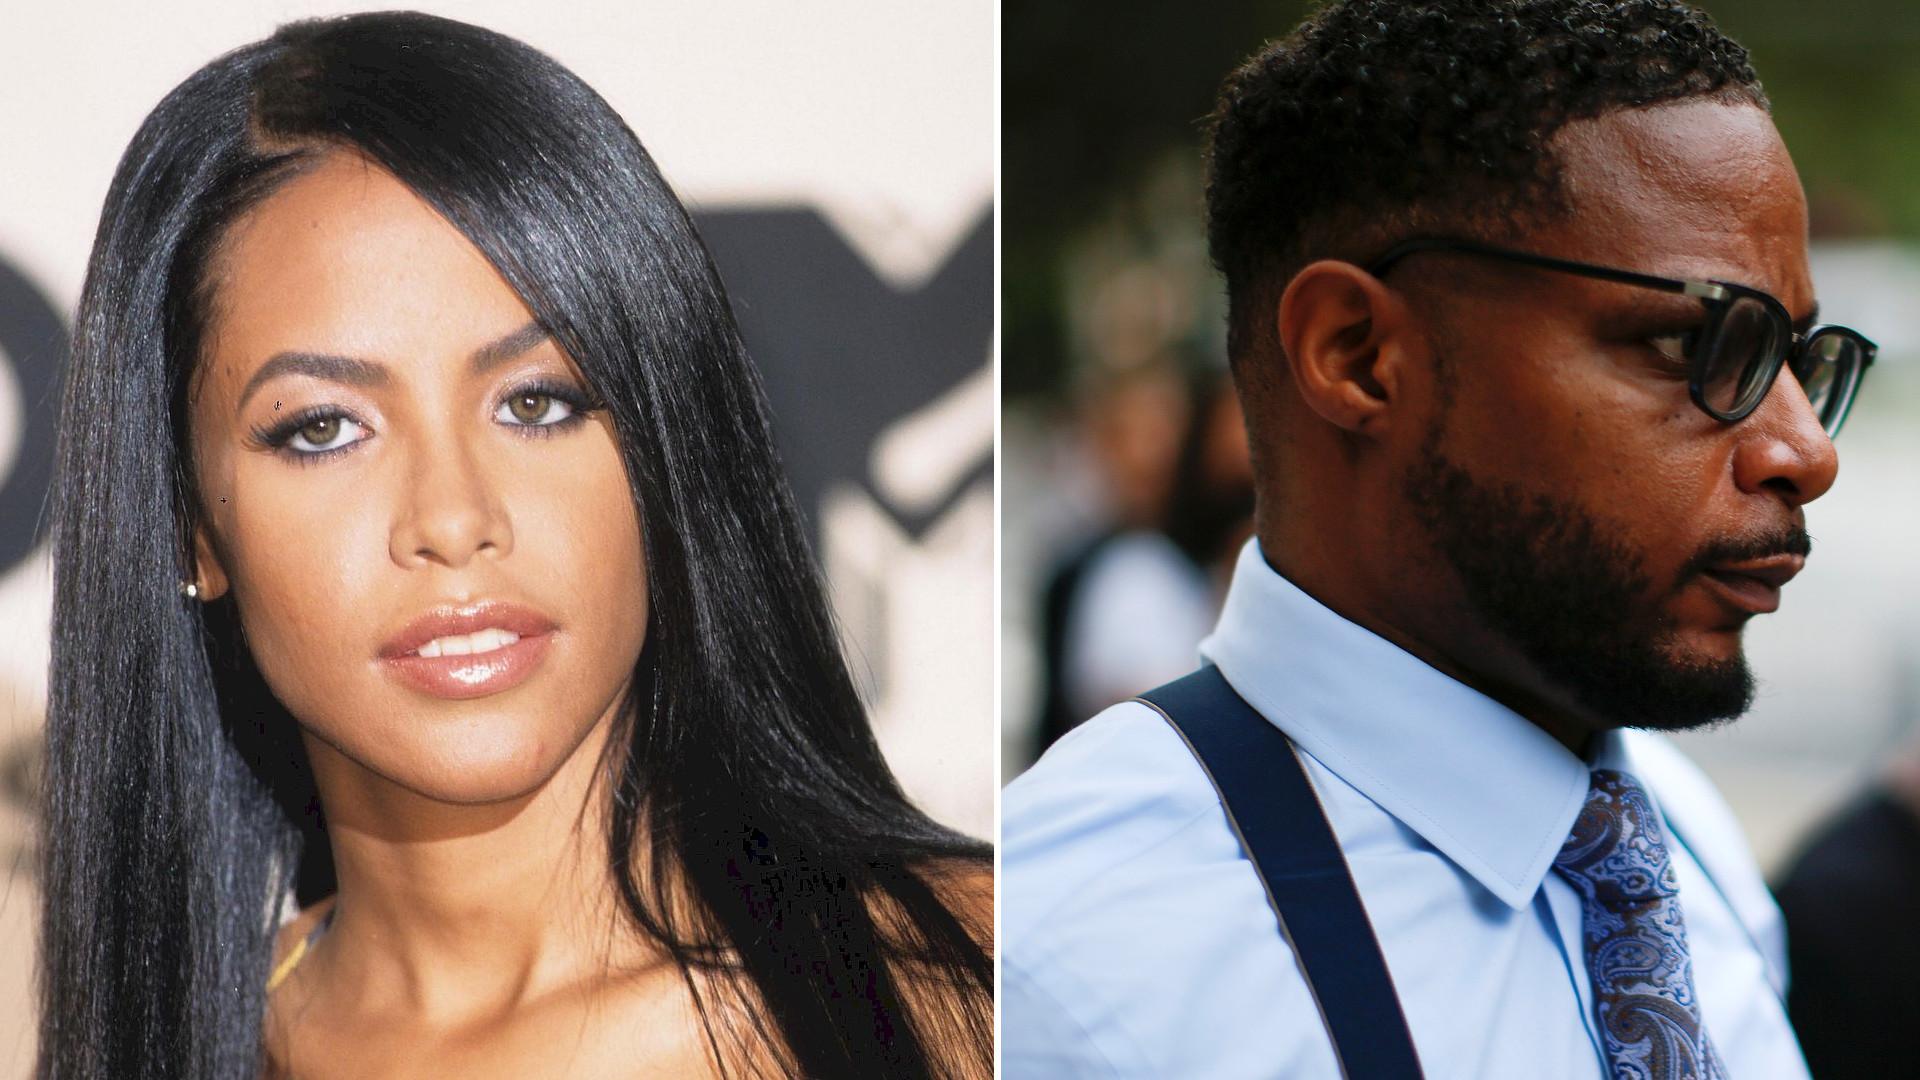 Nowe fakty na temat nielegalnego małżeństwa R.Kelly z nieletnią Aaliyah